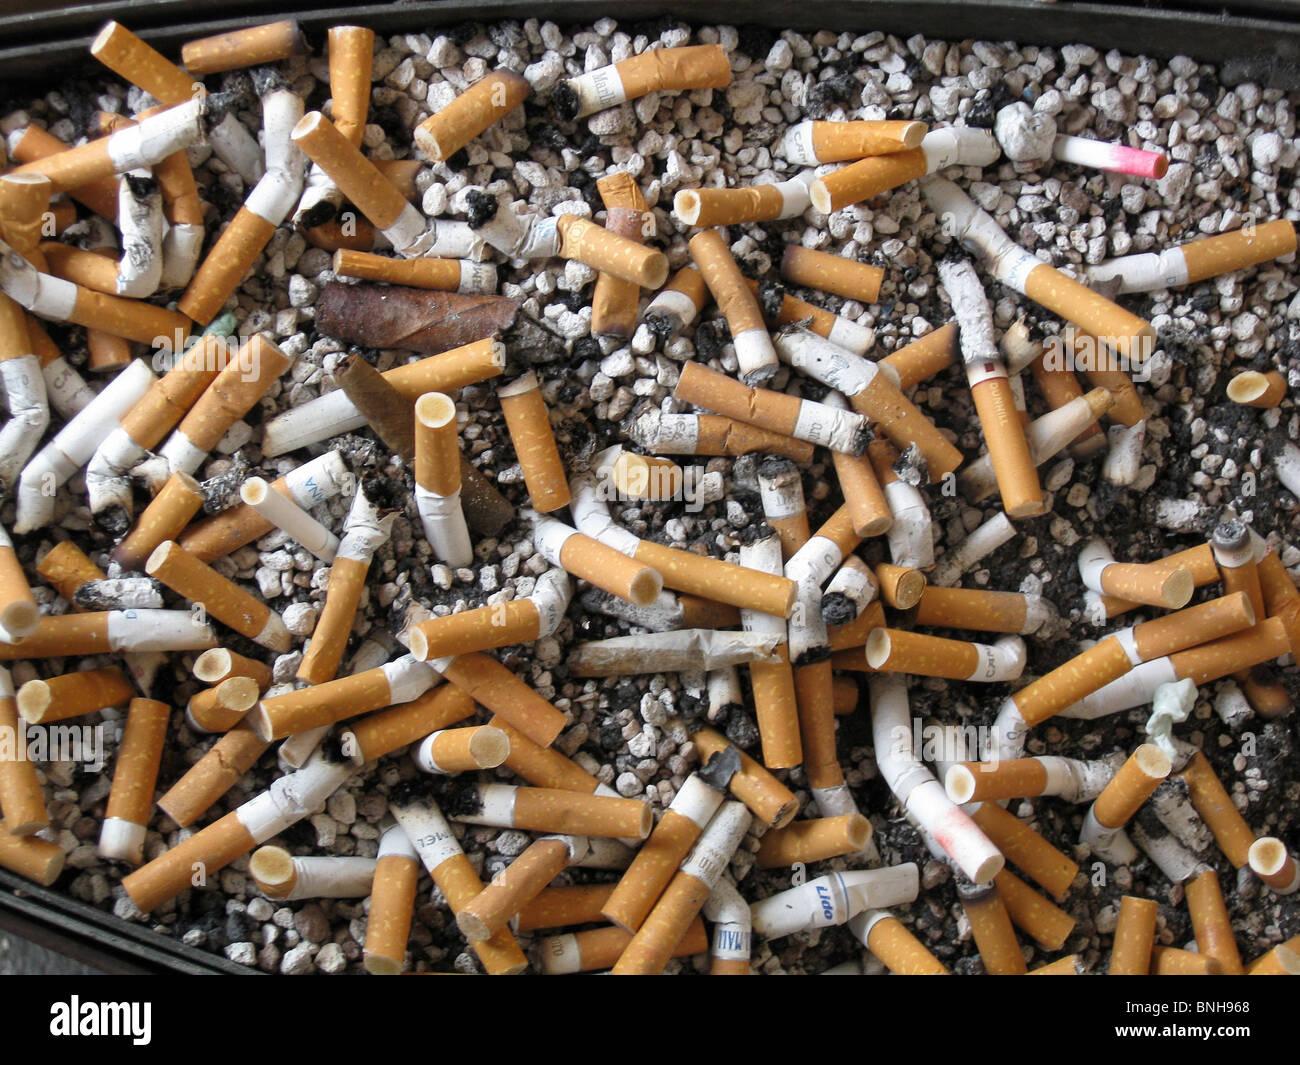 Zigarette Zigarre Hintern Aschenbecher Gesundheit Gefahr Rauchen Gewohnheit Stockbild